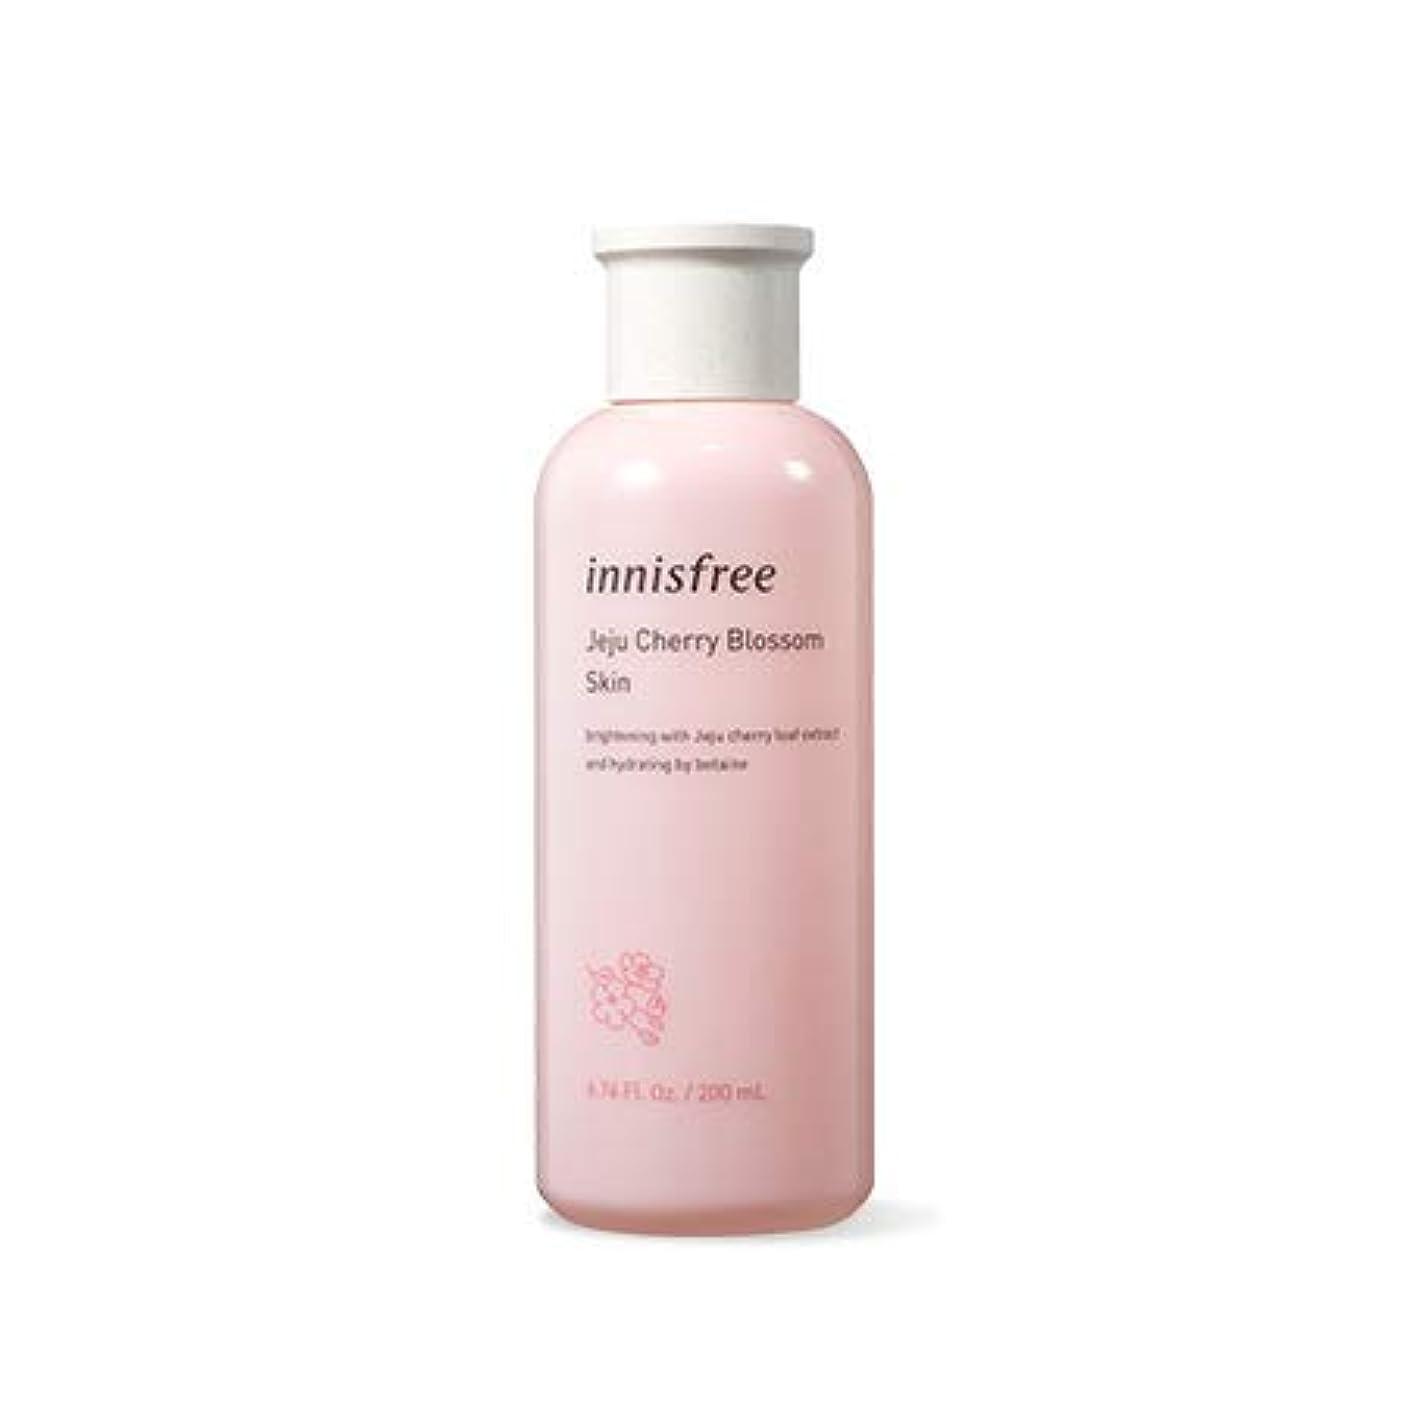 バスタブネックレスコーンウォールイニスフリー 済州 チェリー ブラッサム スキン 200ml / Innisfree Jeju Cherry Blossom Skin 200ml [並行輸入品]